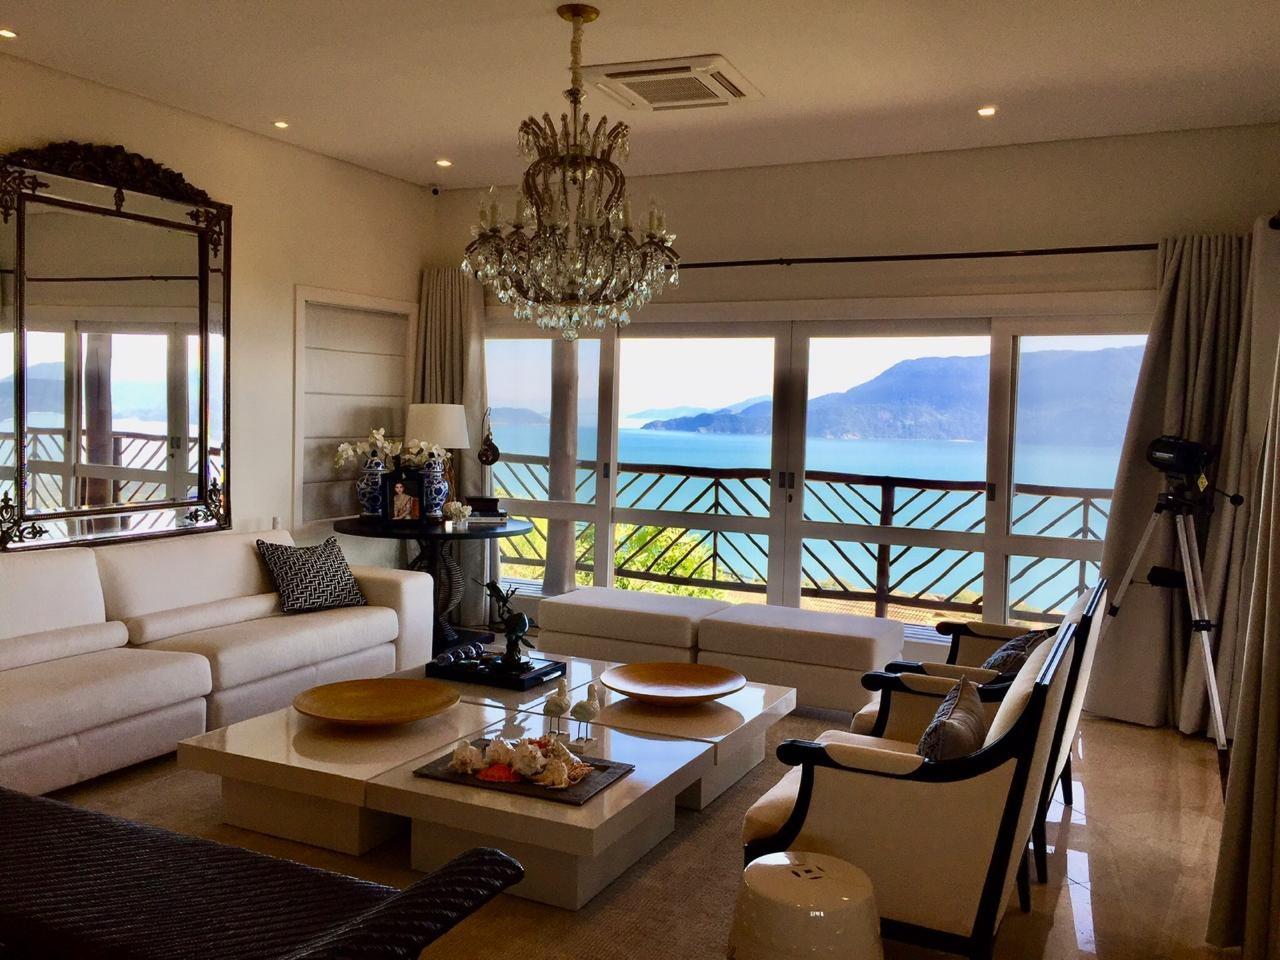 Casa em condomínio com 5 dormitórios (3 suítes) à venda em Ilhabela, no bairro Curral